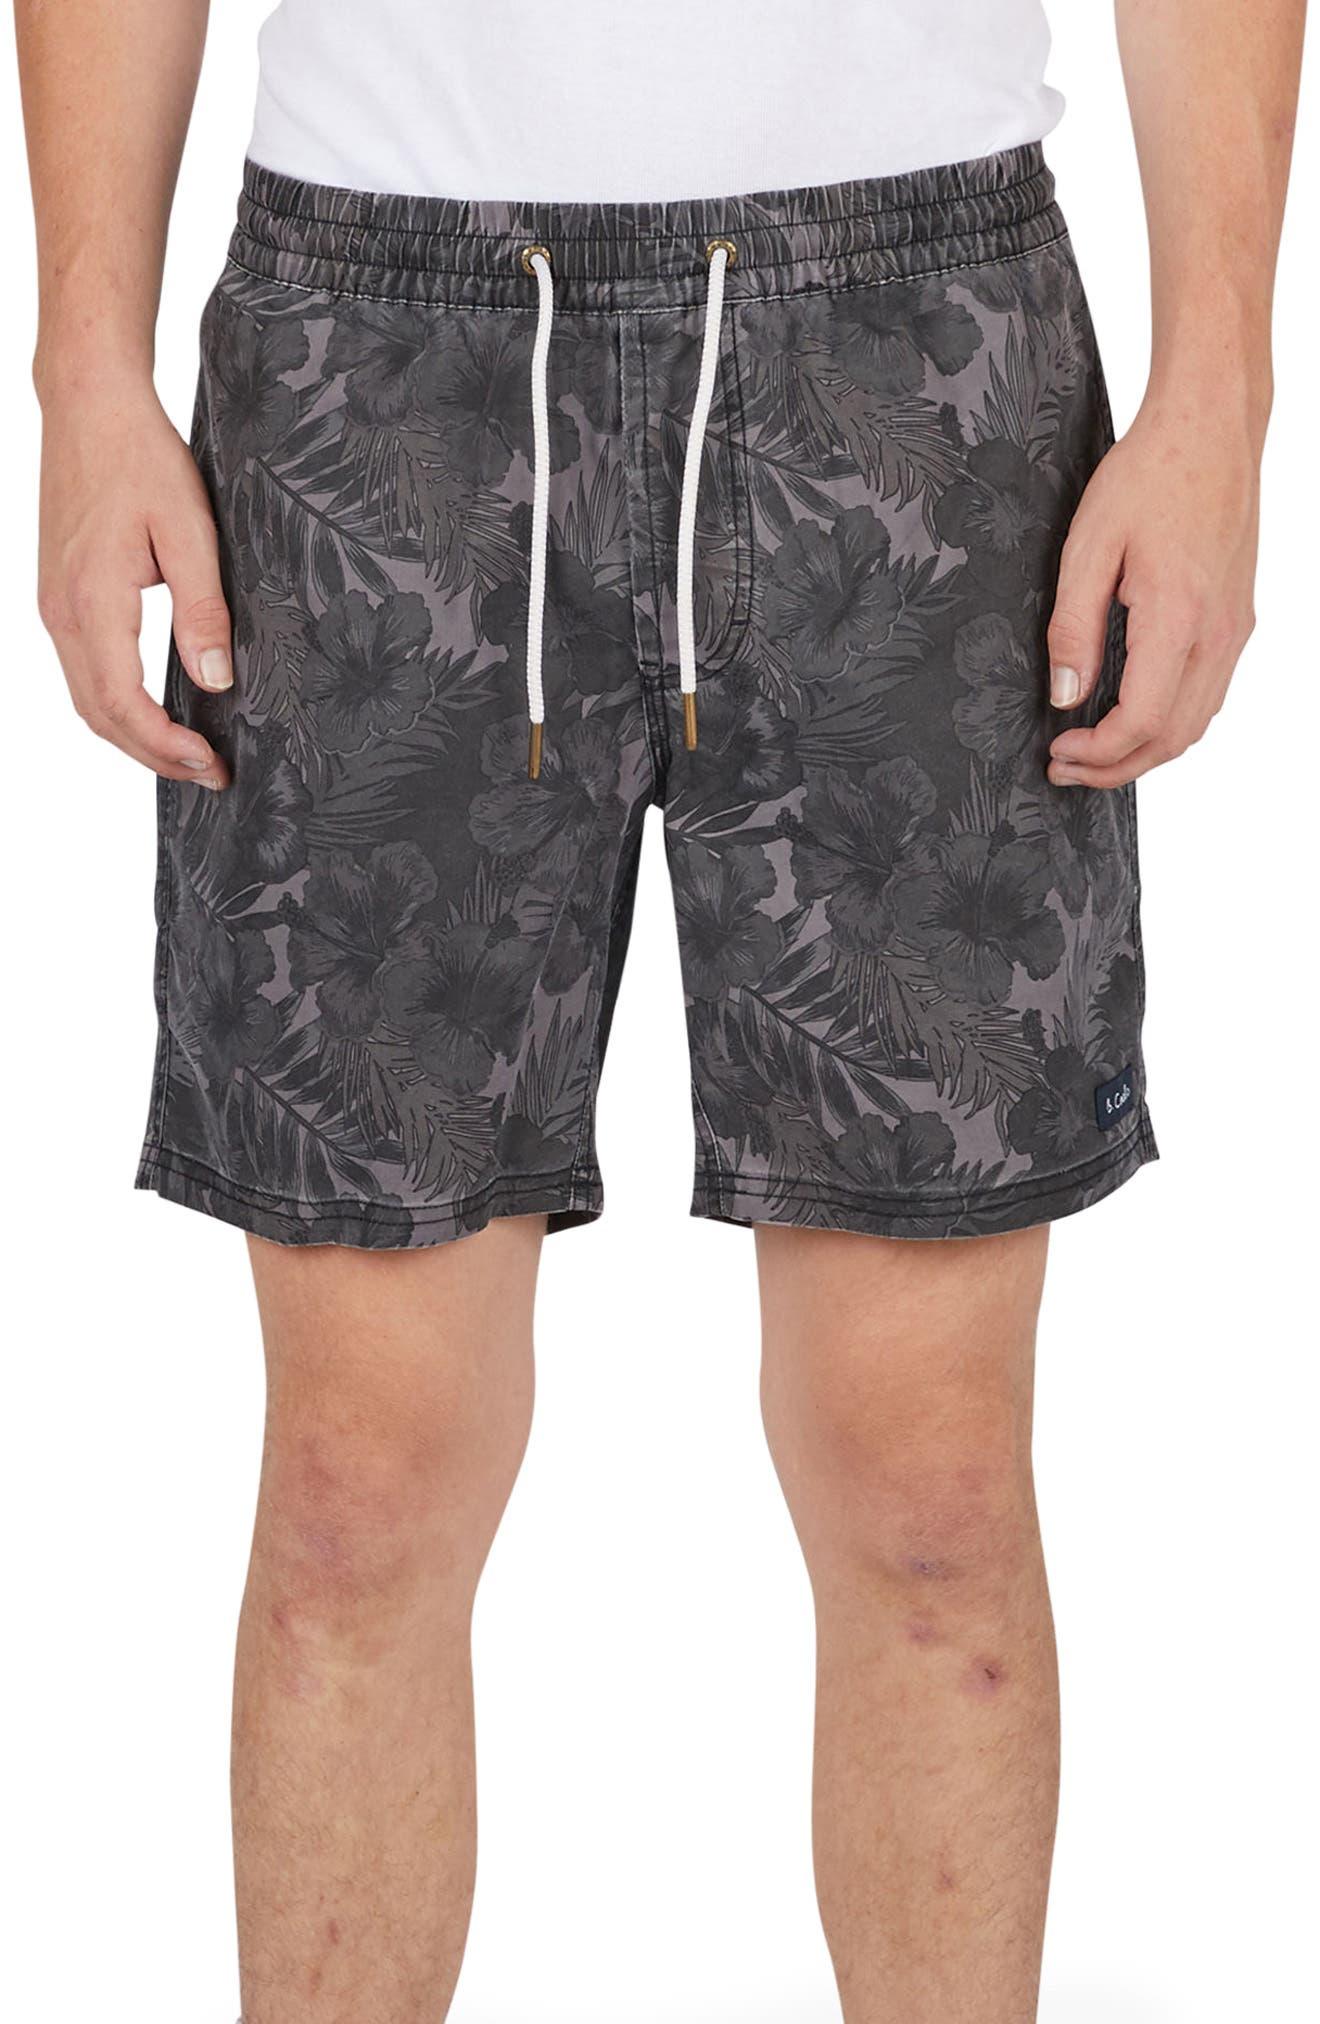 Amphibious Shorts,                             Main thumbnail 1, color,                             Black Floral